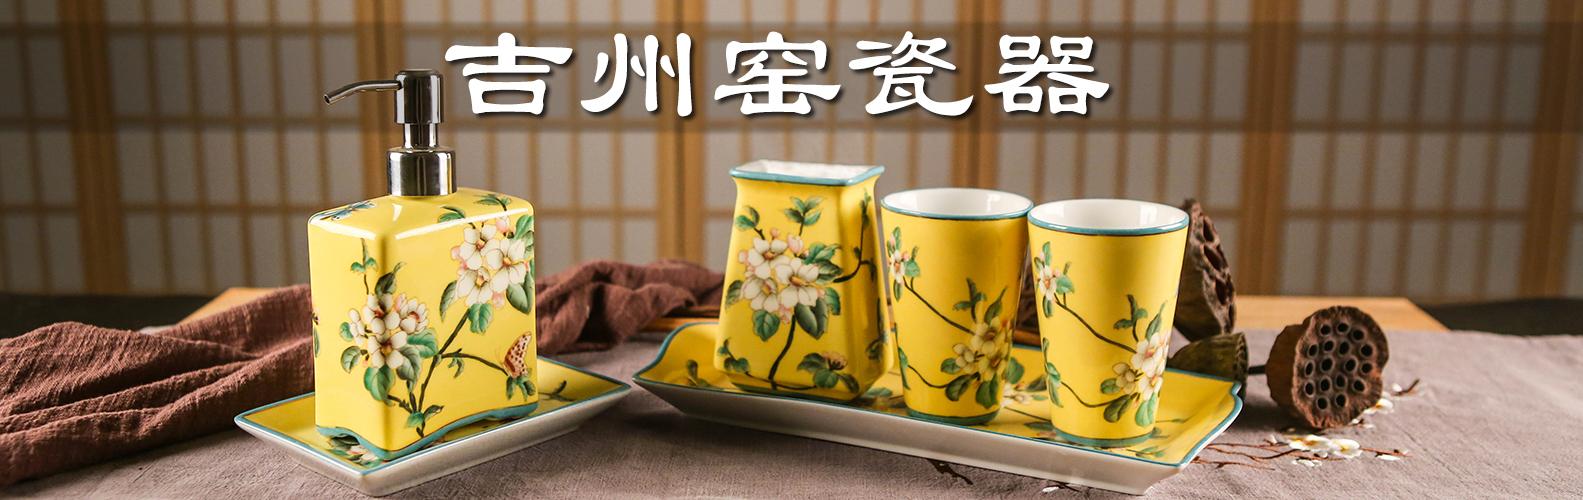 吉州窑精品